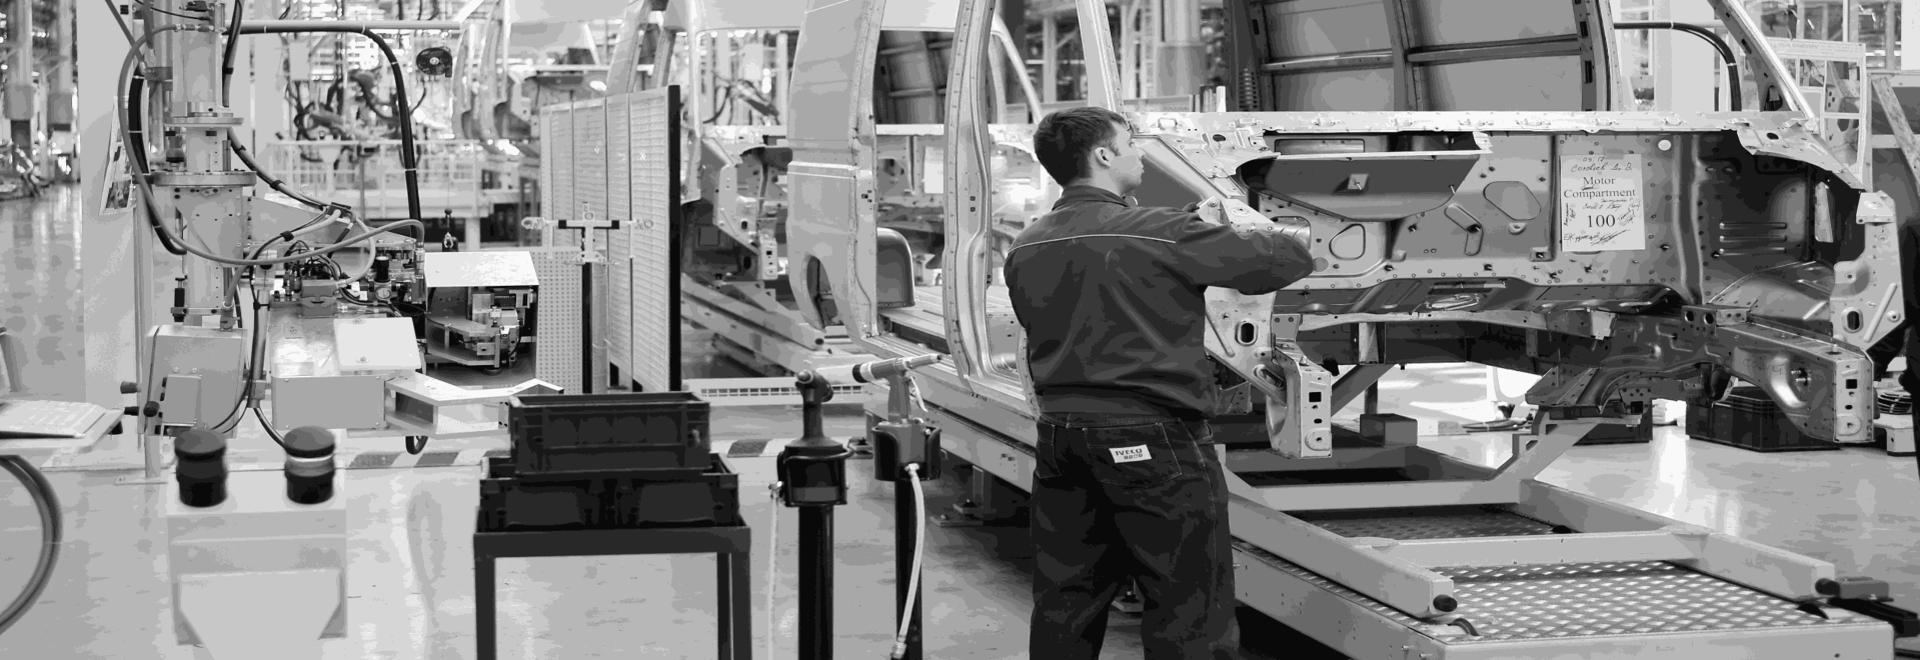 Le mOOnTAG d'EDITAG permet de surveiller et d'optimiser les processus de préparation des commandes et les flux logistiques à l'aide de capteurs RFID et de capteurs IoT